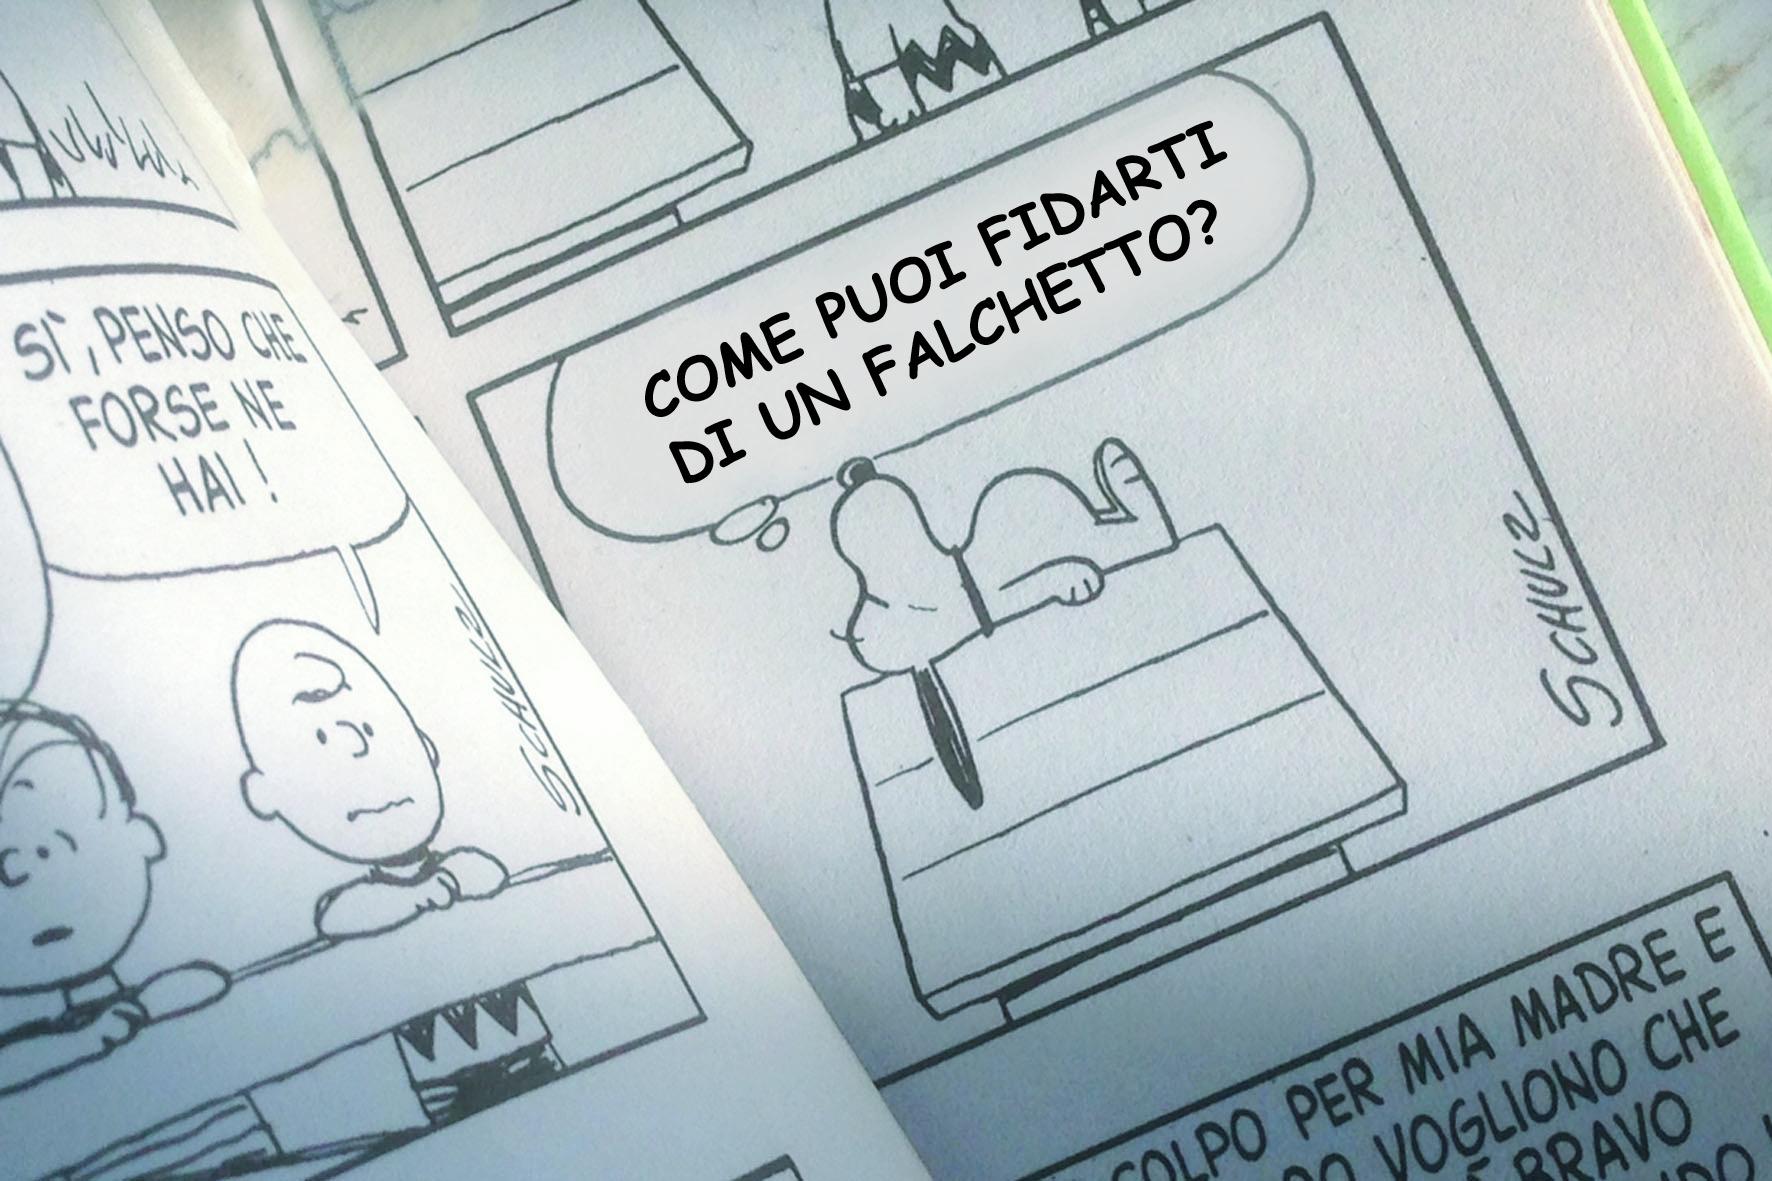 Snoopy falchetto